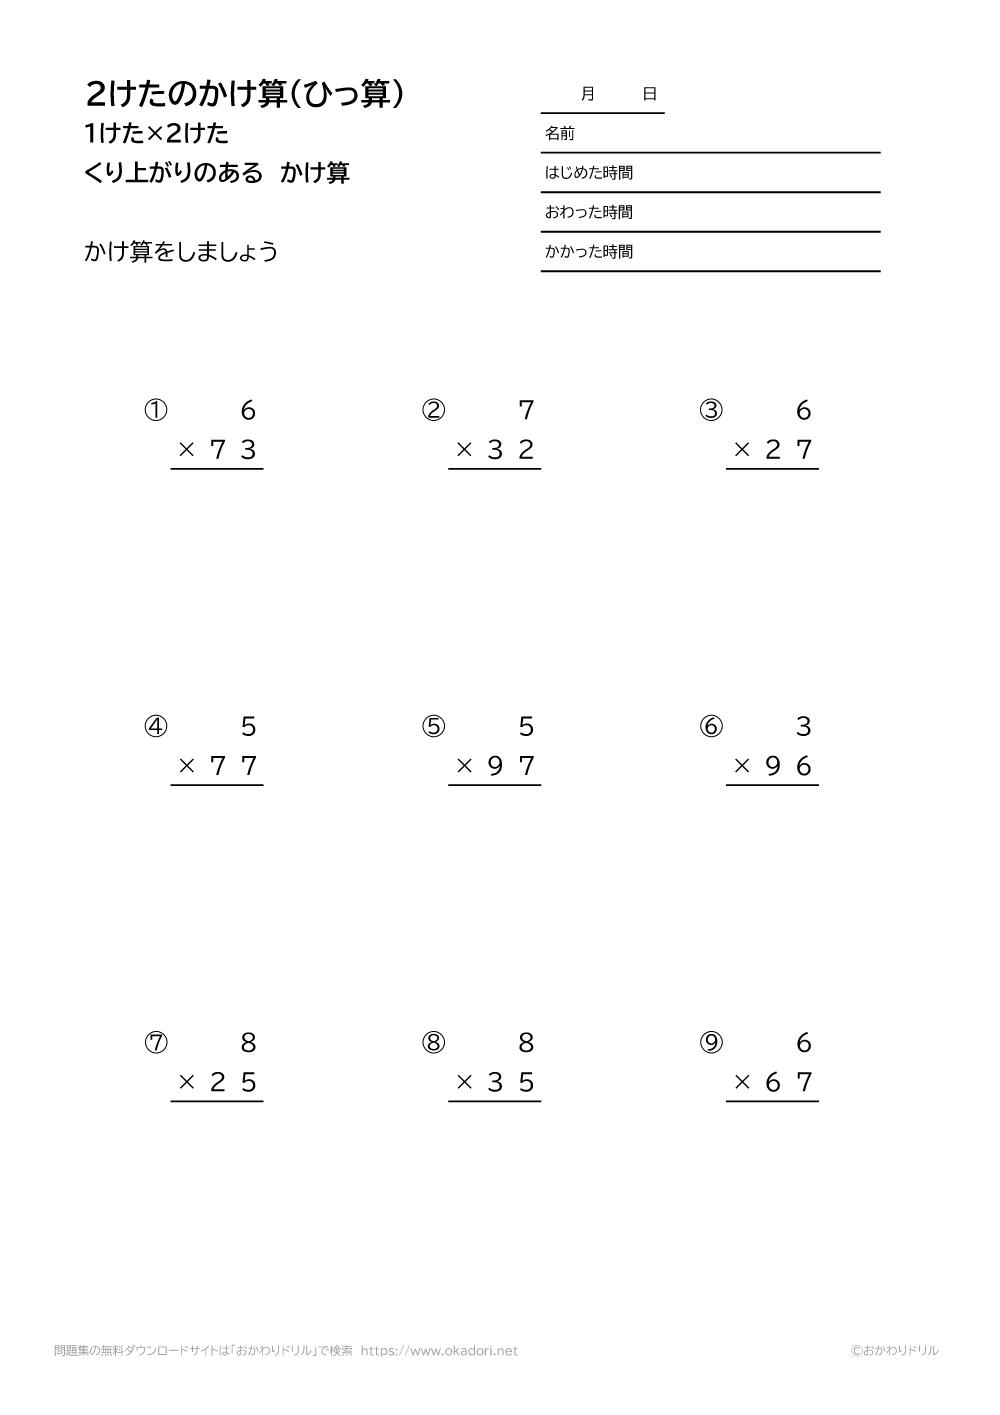 1桁×2桁の繰り上がりの有る掛け算の筆算6